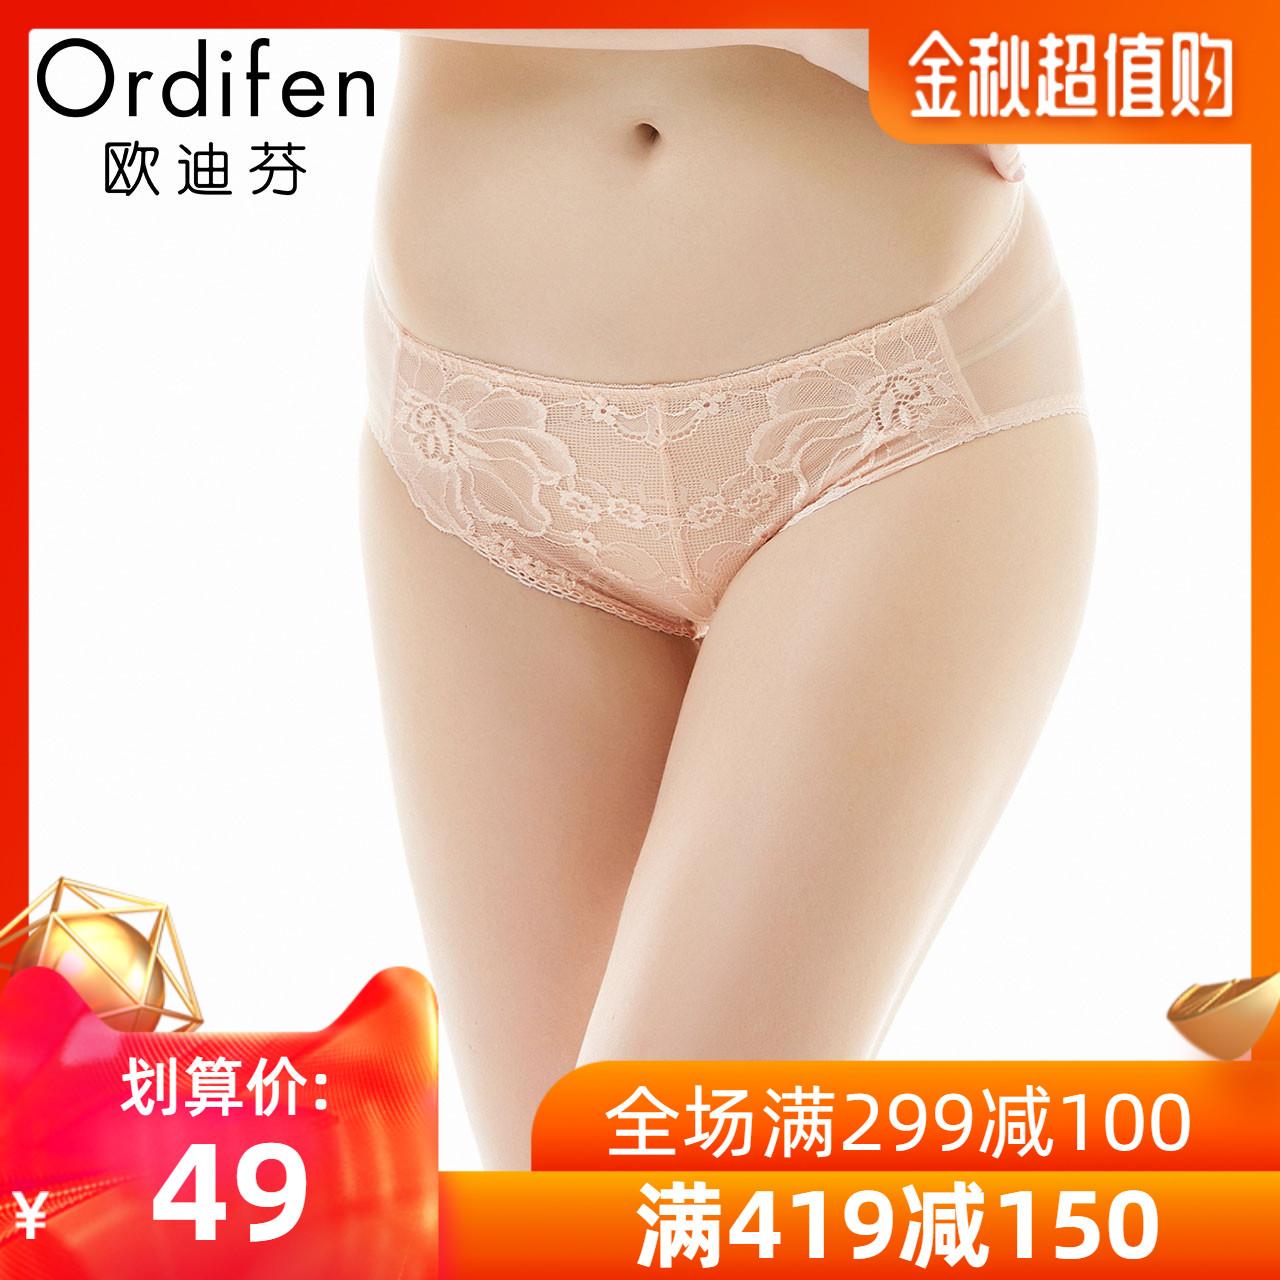 欧迪芬女士蕾丝性感网纱无痕三角裤限时2件3折